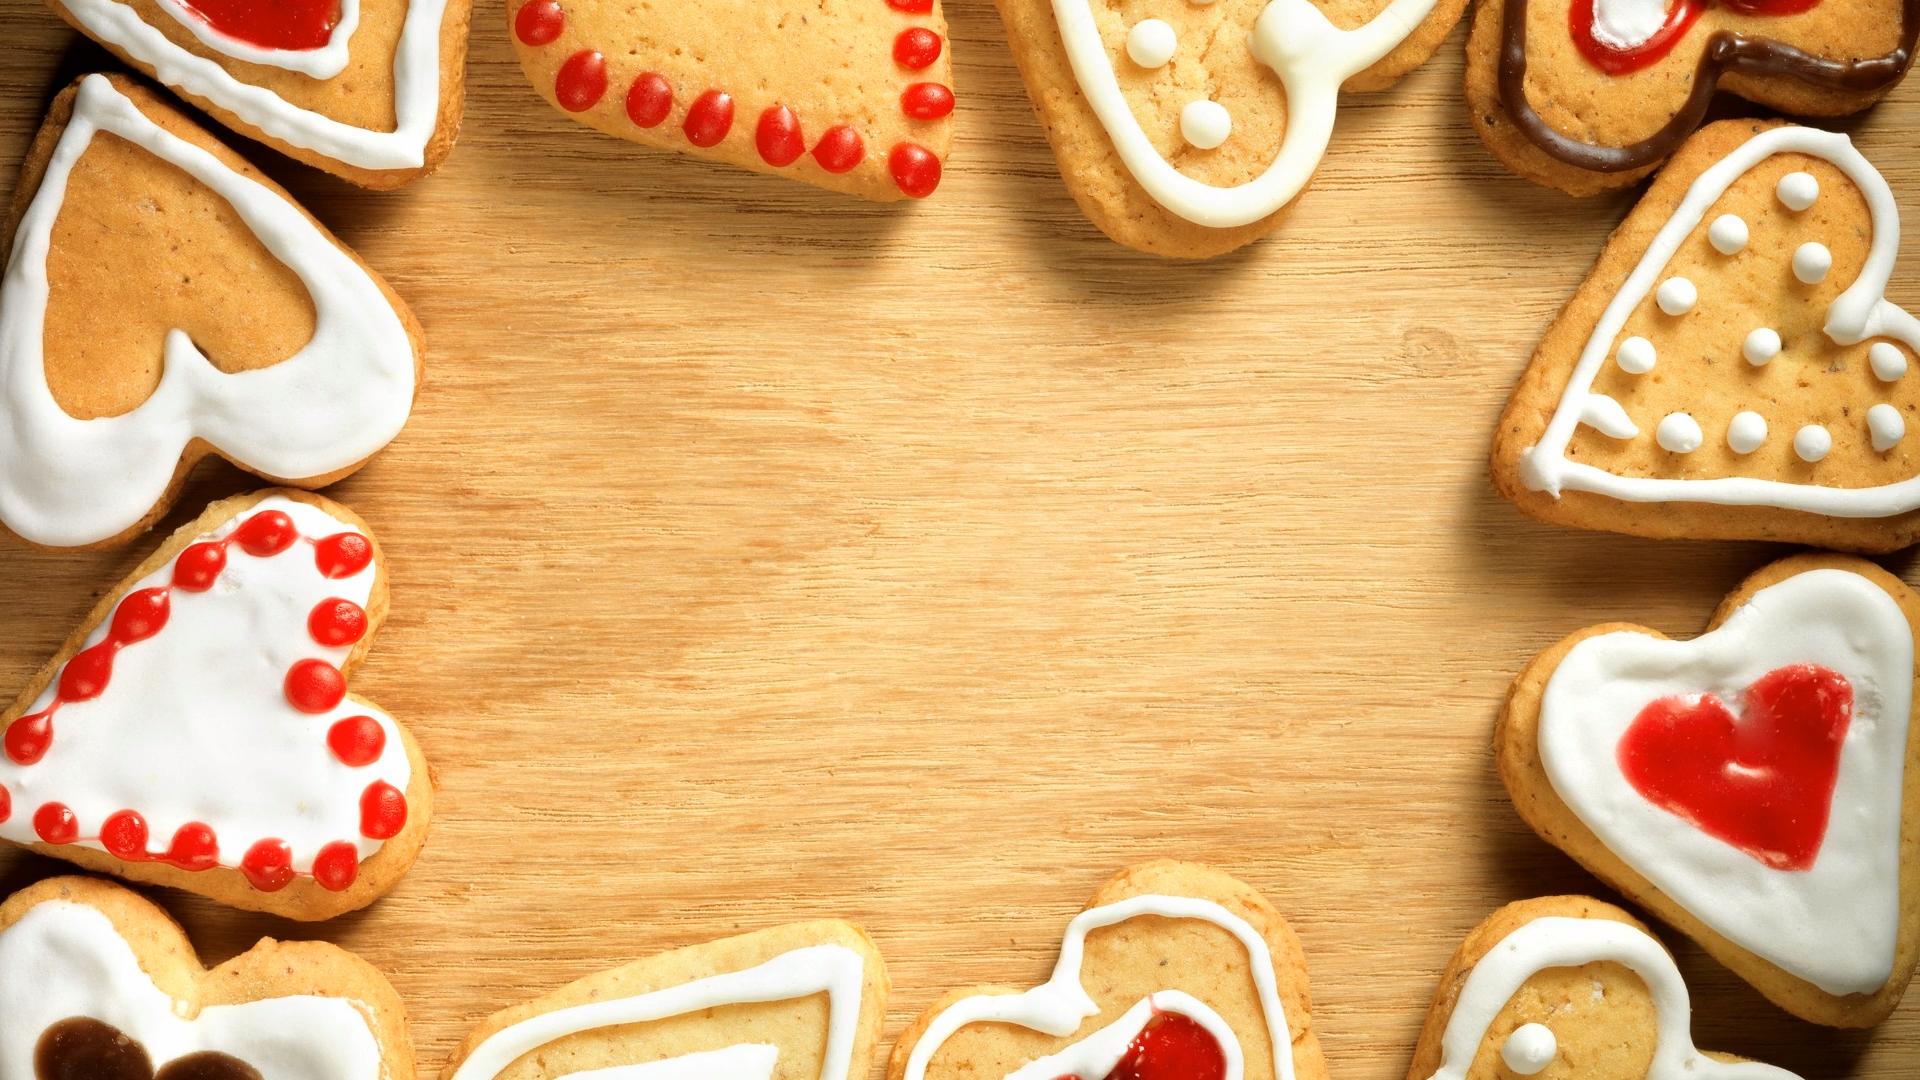 Es ist #NationalCookieDay und die Weihnachtszeit. Wenn Sie einen Lebkuchen-Koch brauchen ...,  #Brauchen #die #einen #ist #LebkuchenKoch #NationalCookieDay #Sie #und #Weihnachtszeit #Wenn